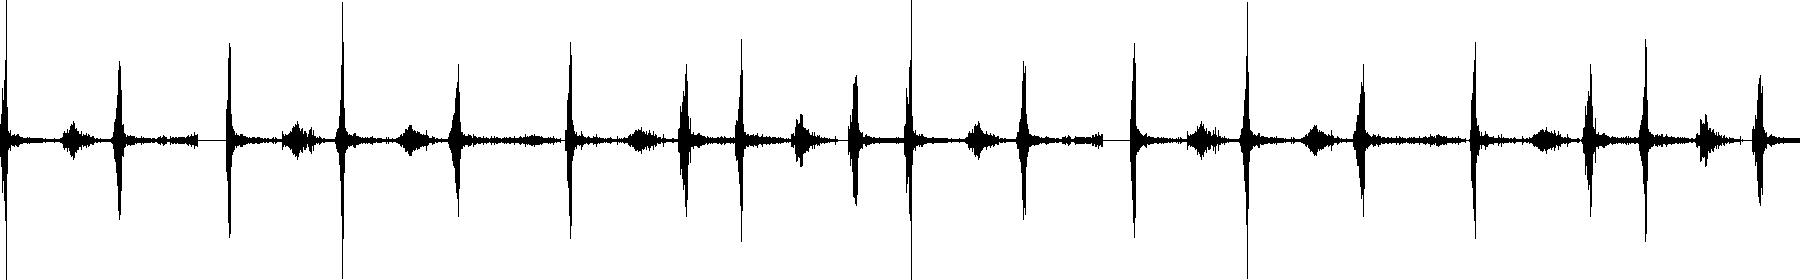 ehp percloop 130 03